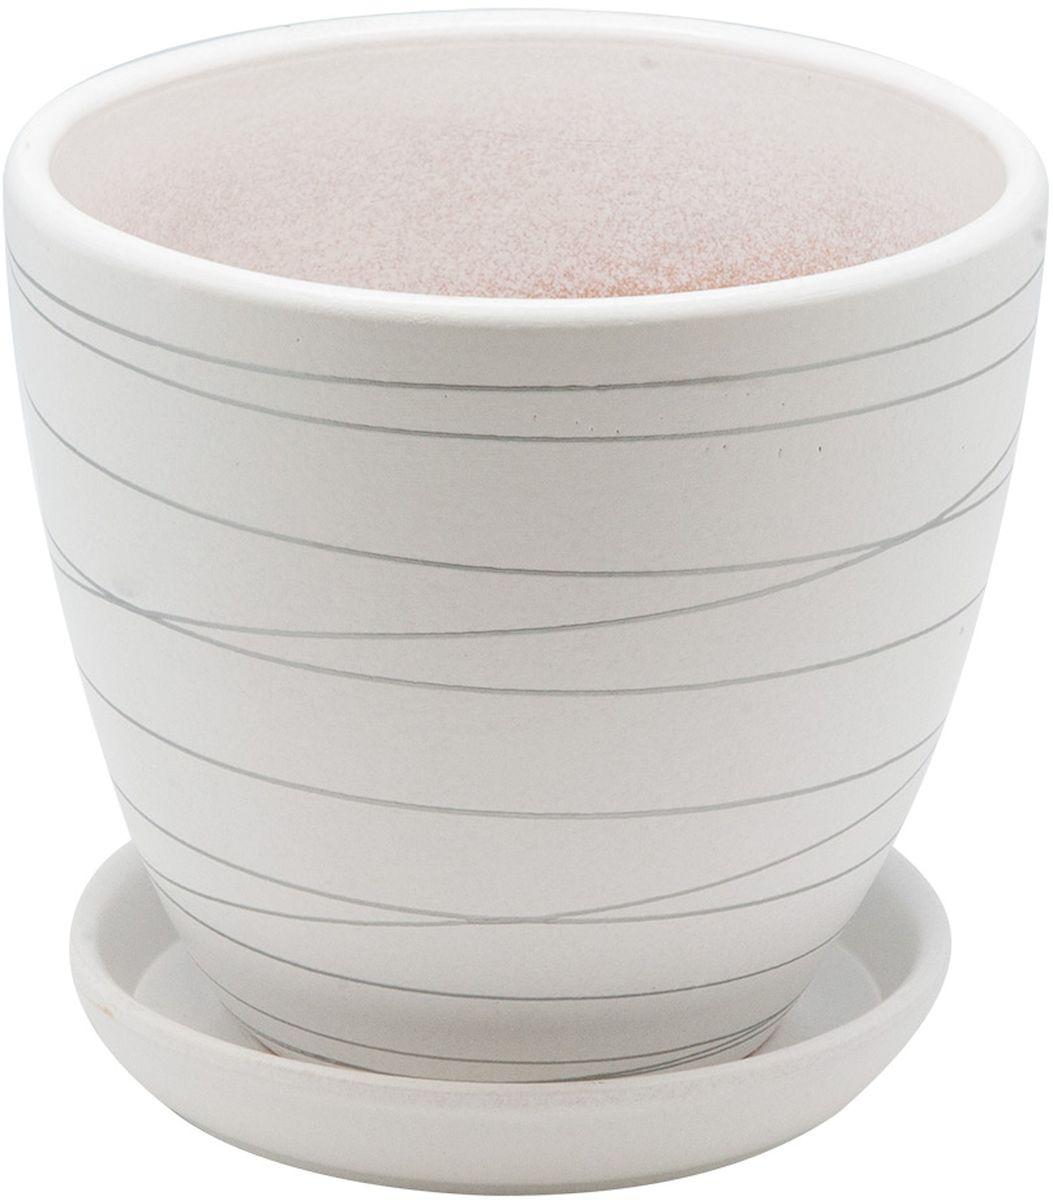 Горшок цветочный Engard, с поддоном, цвет: белый, серебристый, 2,4 л74-0080Керамический горшок - это идеальное решение для выращивания комнатных растений и создания изысканности в интерьере. Керамический горшок сделан из высококачественной глины в классической форме и оригинальном дизайне.